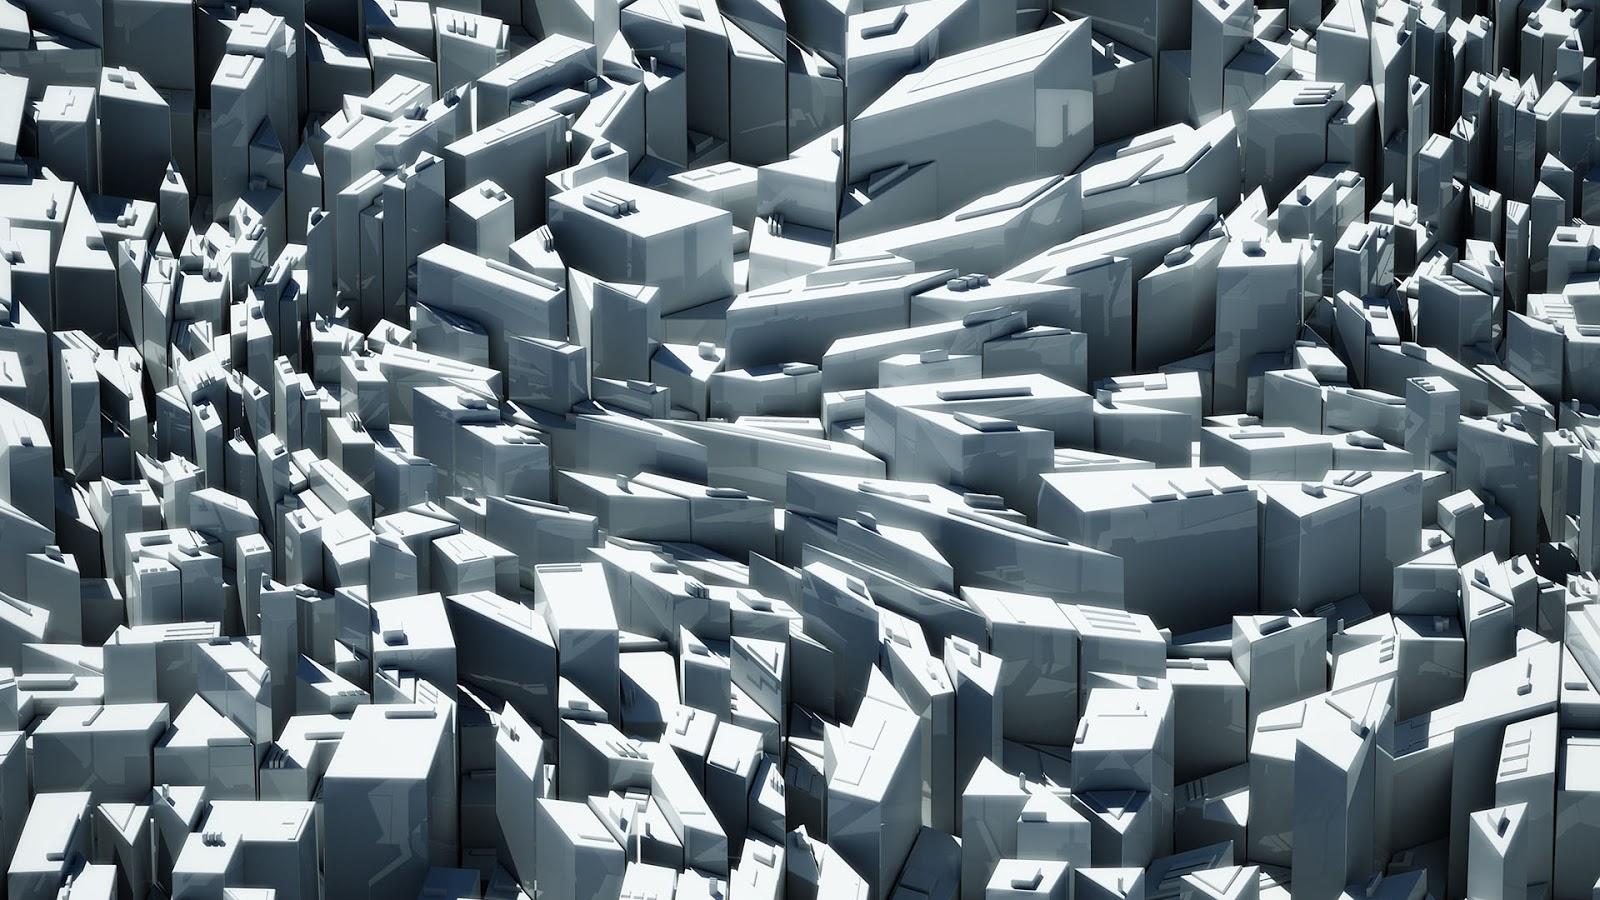 http://4.bp.blogspot.com/-VBkapPHnfC0/ULblSTtyK-I/AAAAAAAAbzE/VtSNPfnWjC8/s1600/Impressive+Abstract+181.jpg